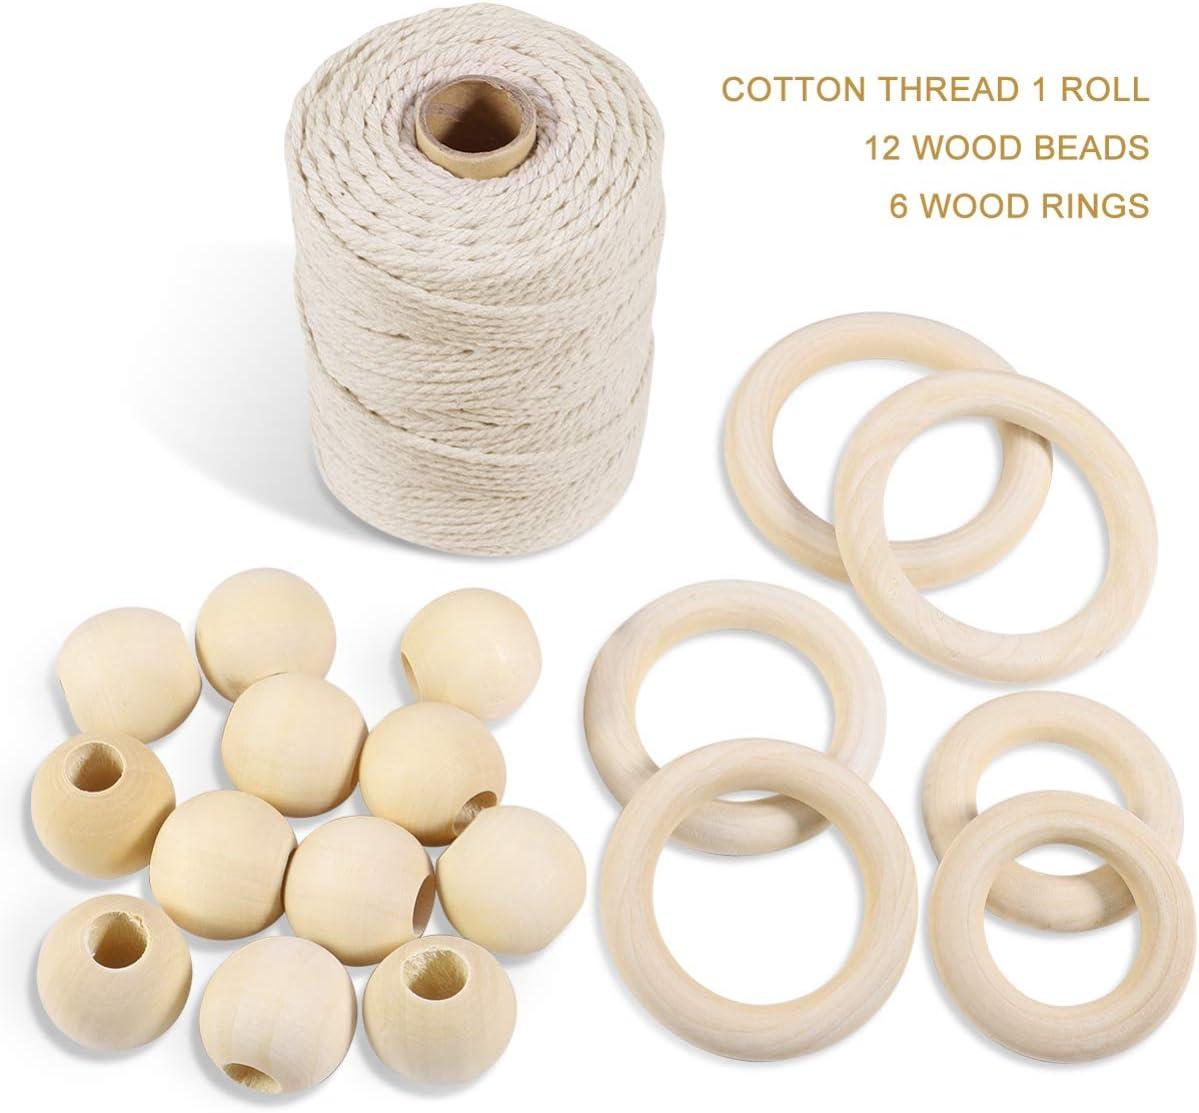 SUPVOX Corde de macram/é en Coton Naturel pour Tapisserie Murale Suspendu Plante Craft Attrape-r/êves Tricot S/ûr Durable Doux Non Teint 3 mm